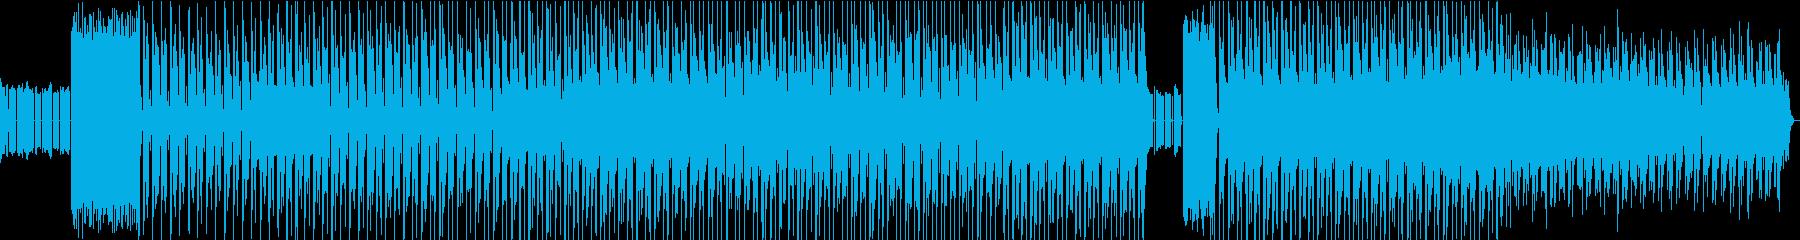 コミカルなサウンドが楽しいエレクトロニカの再生済みの波形